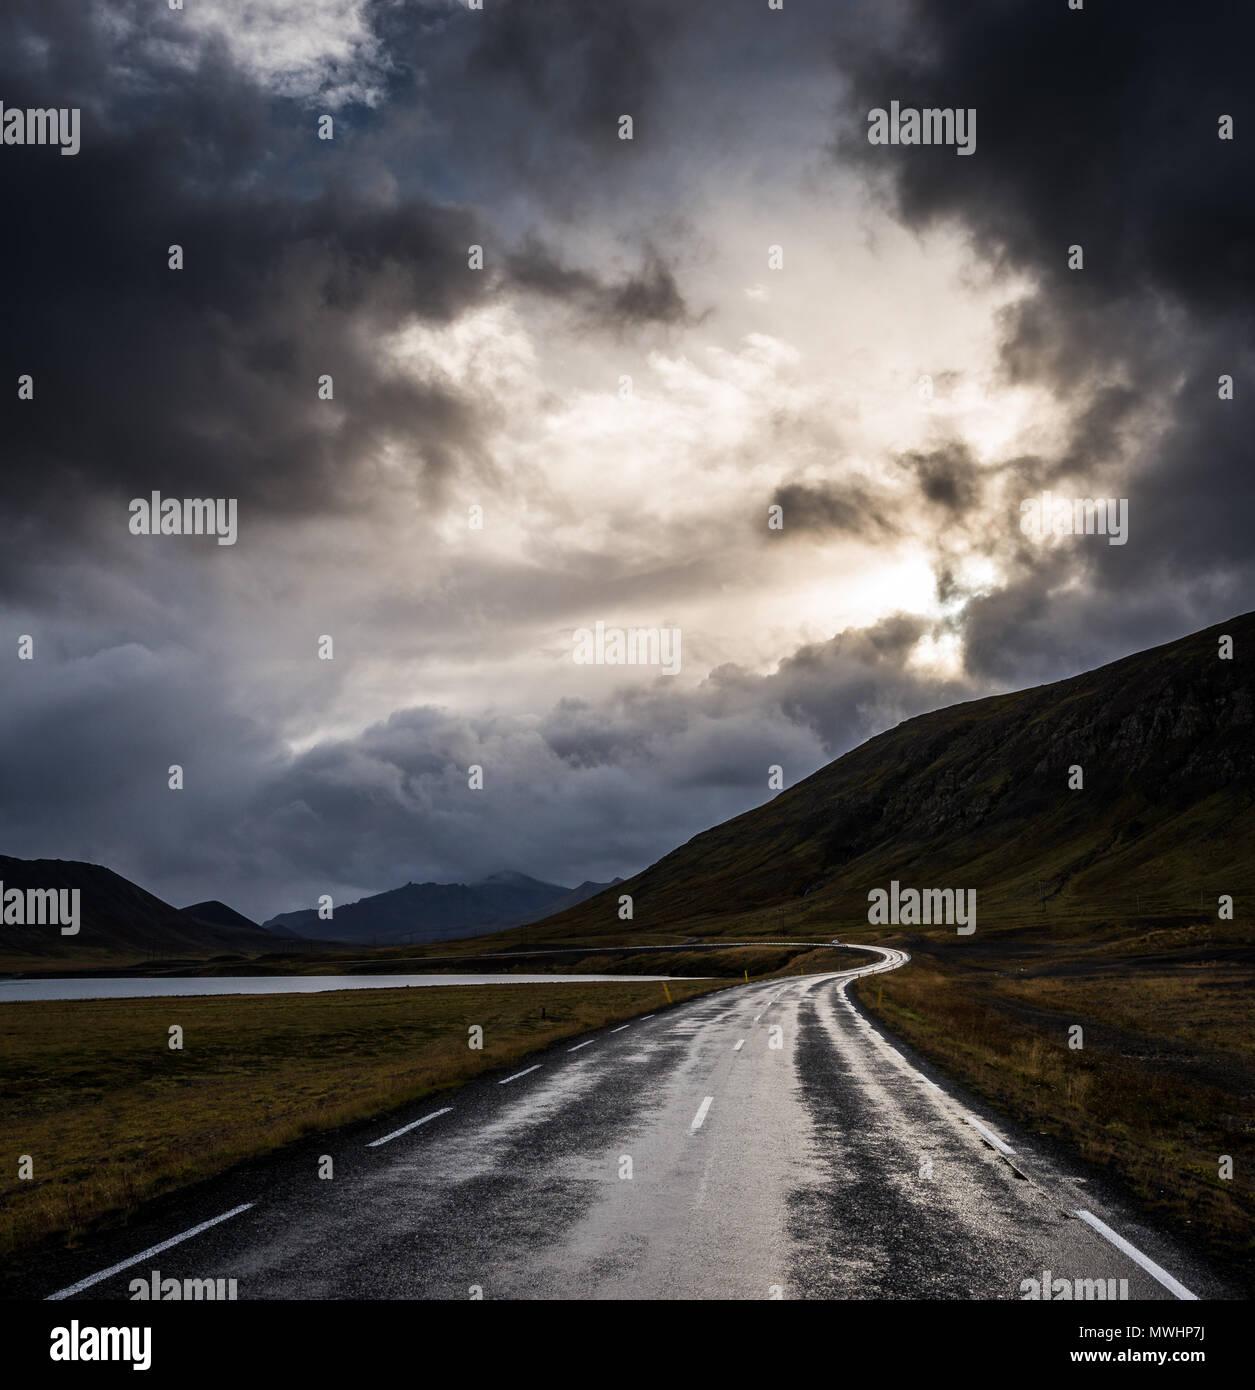 Un camino en la península de Snaefellsnes islandesa en una mañana lluviosa Imagen De Stock